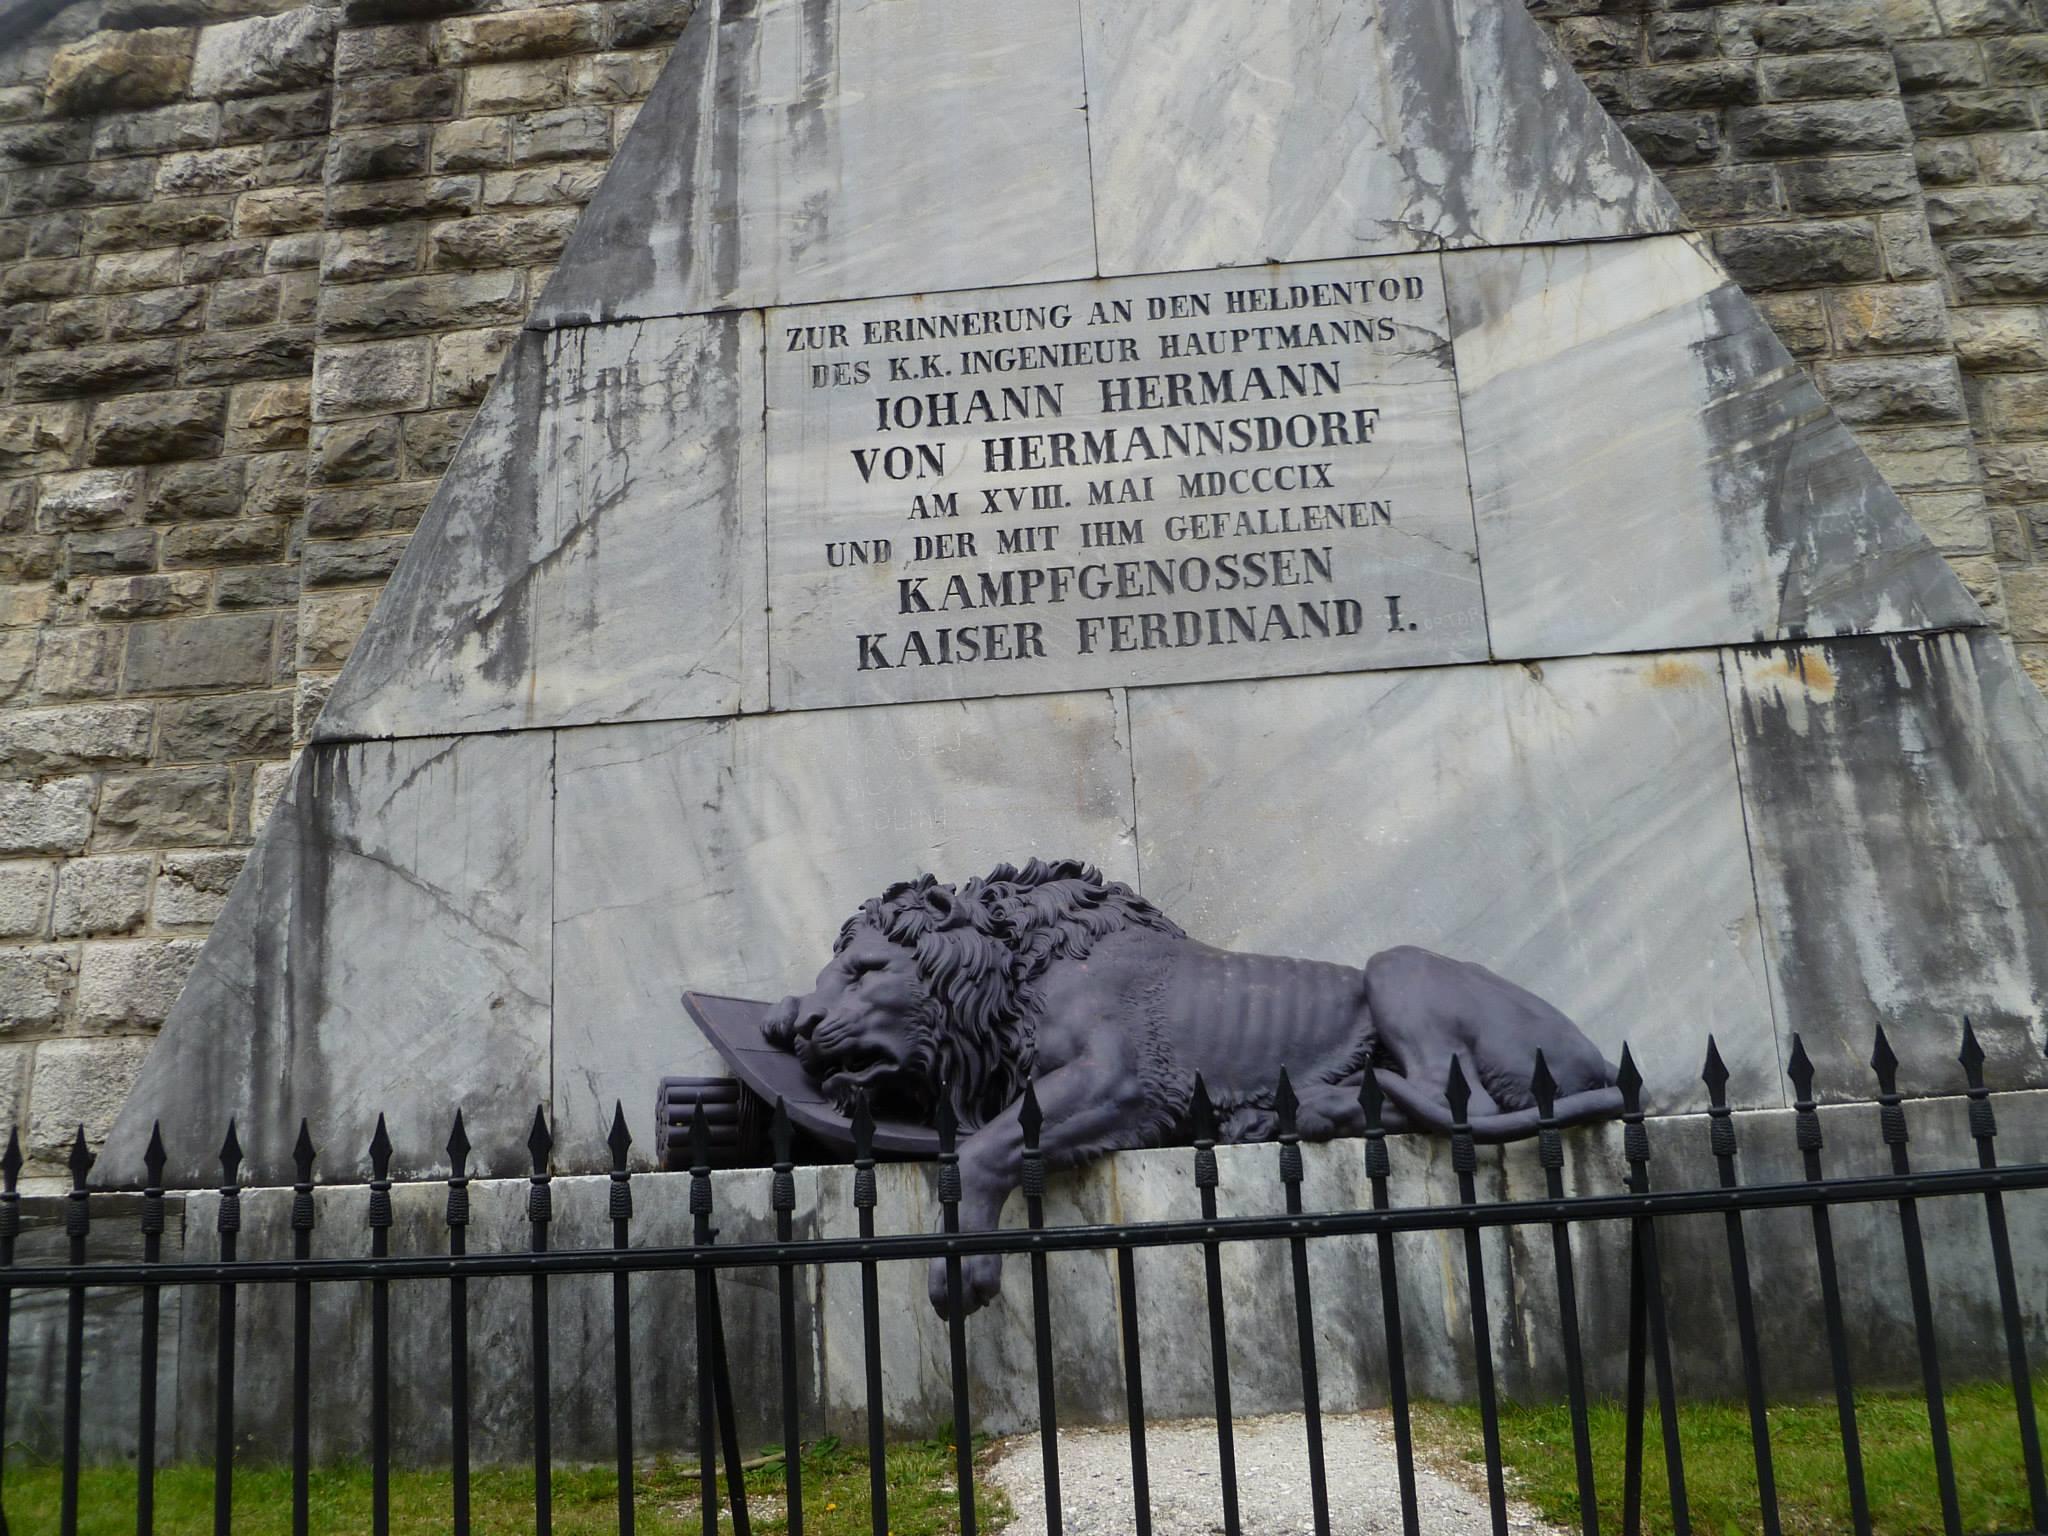 פסל האריה הגוסס